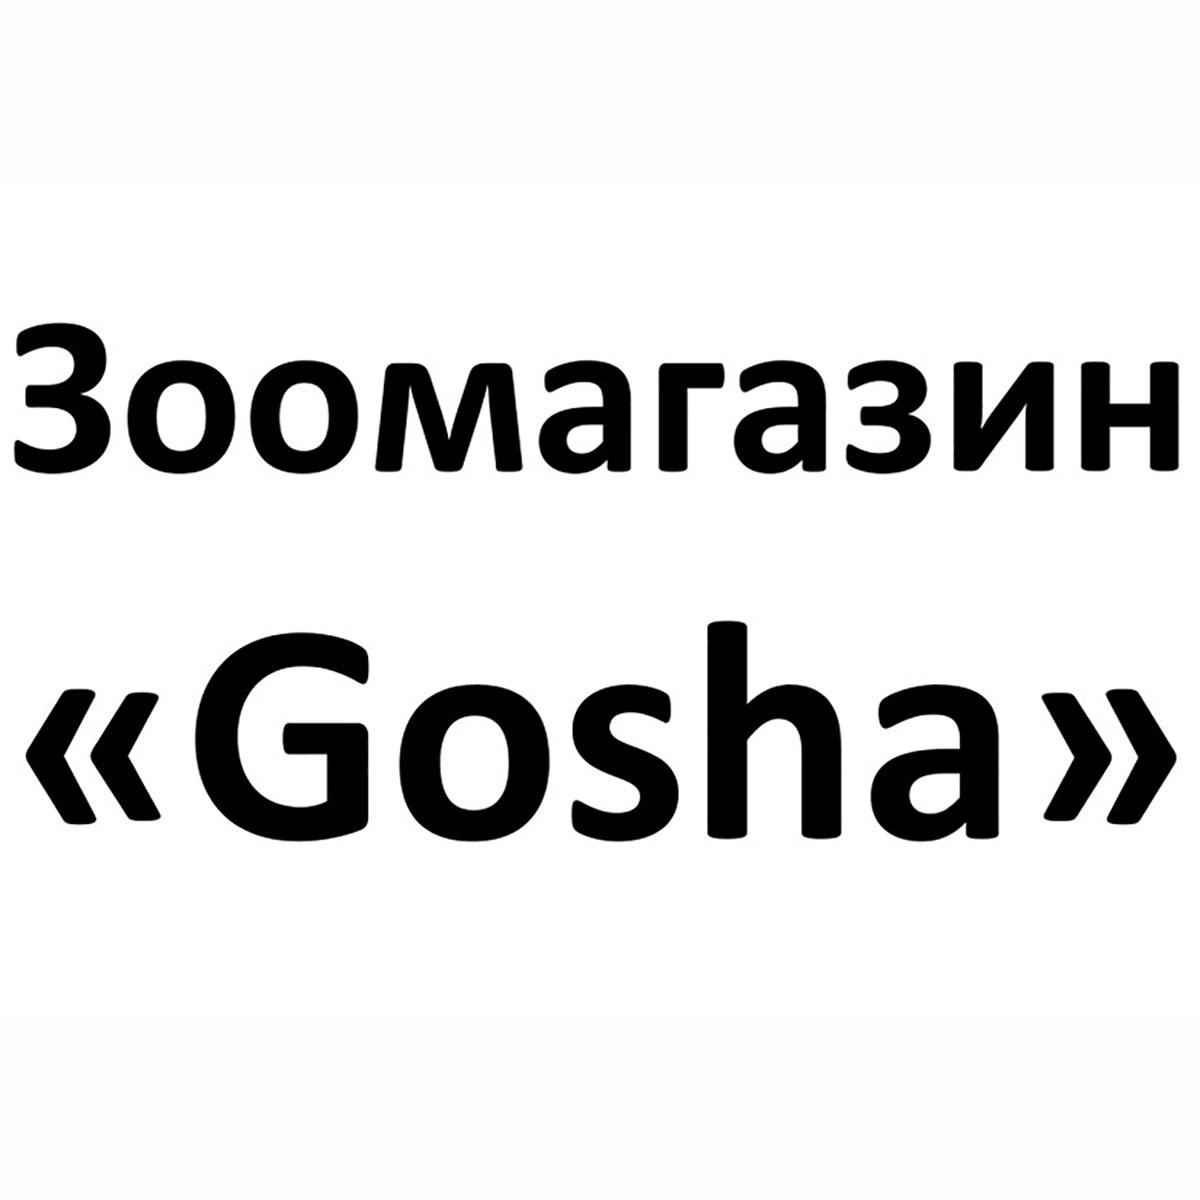 Gosha-logotip-6